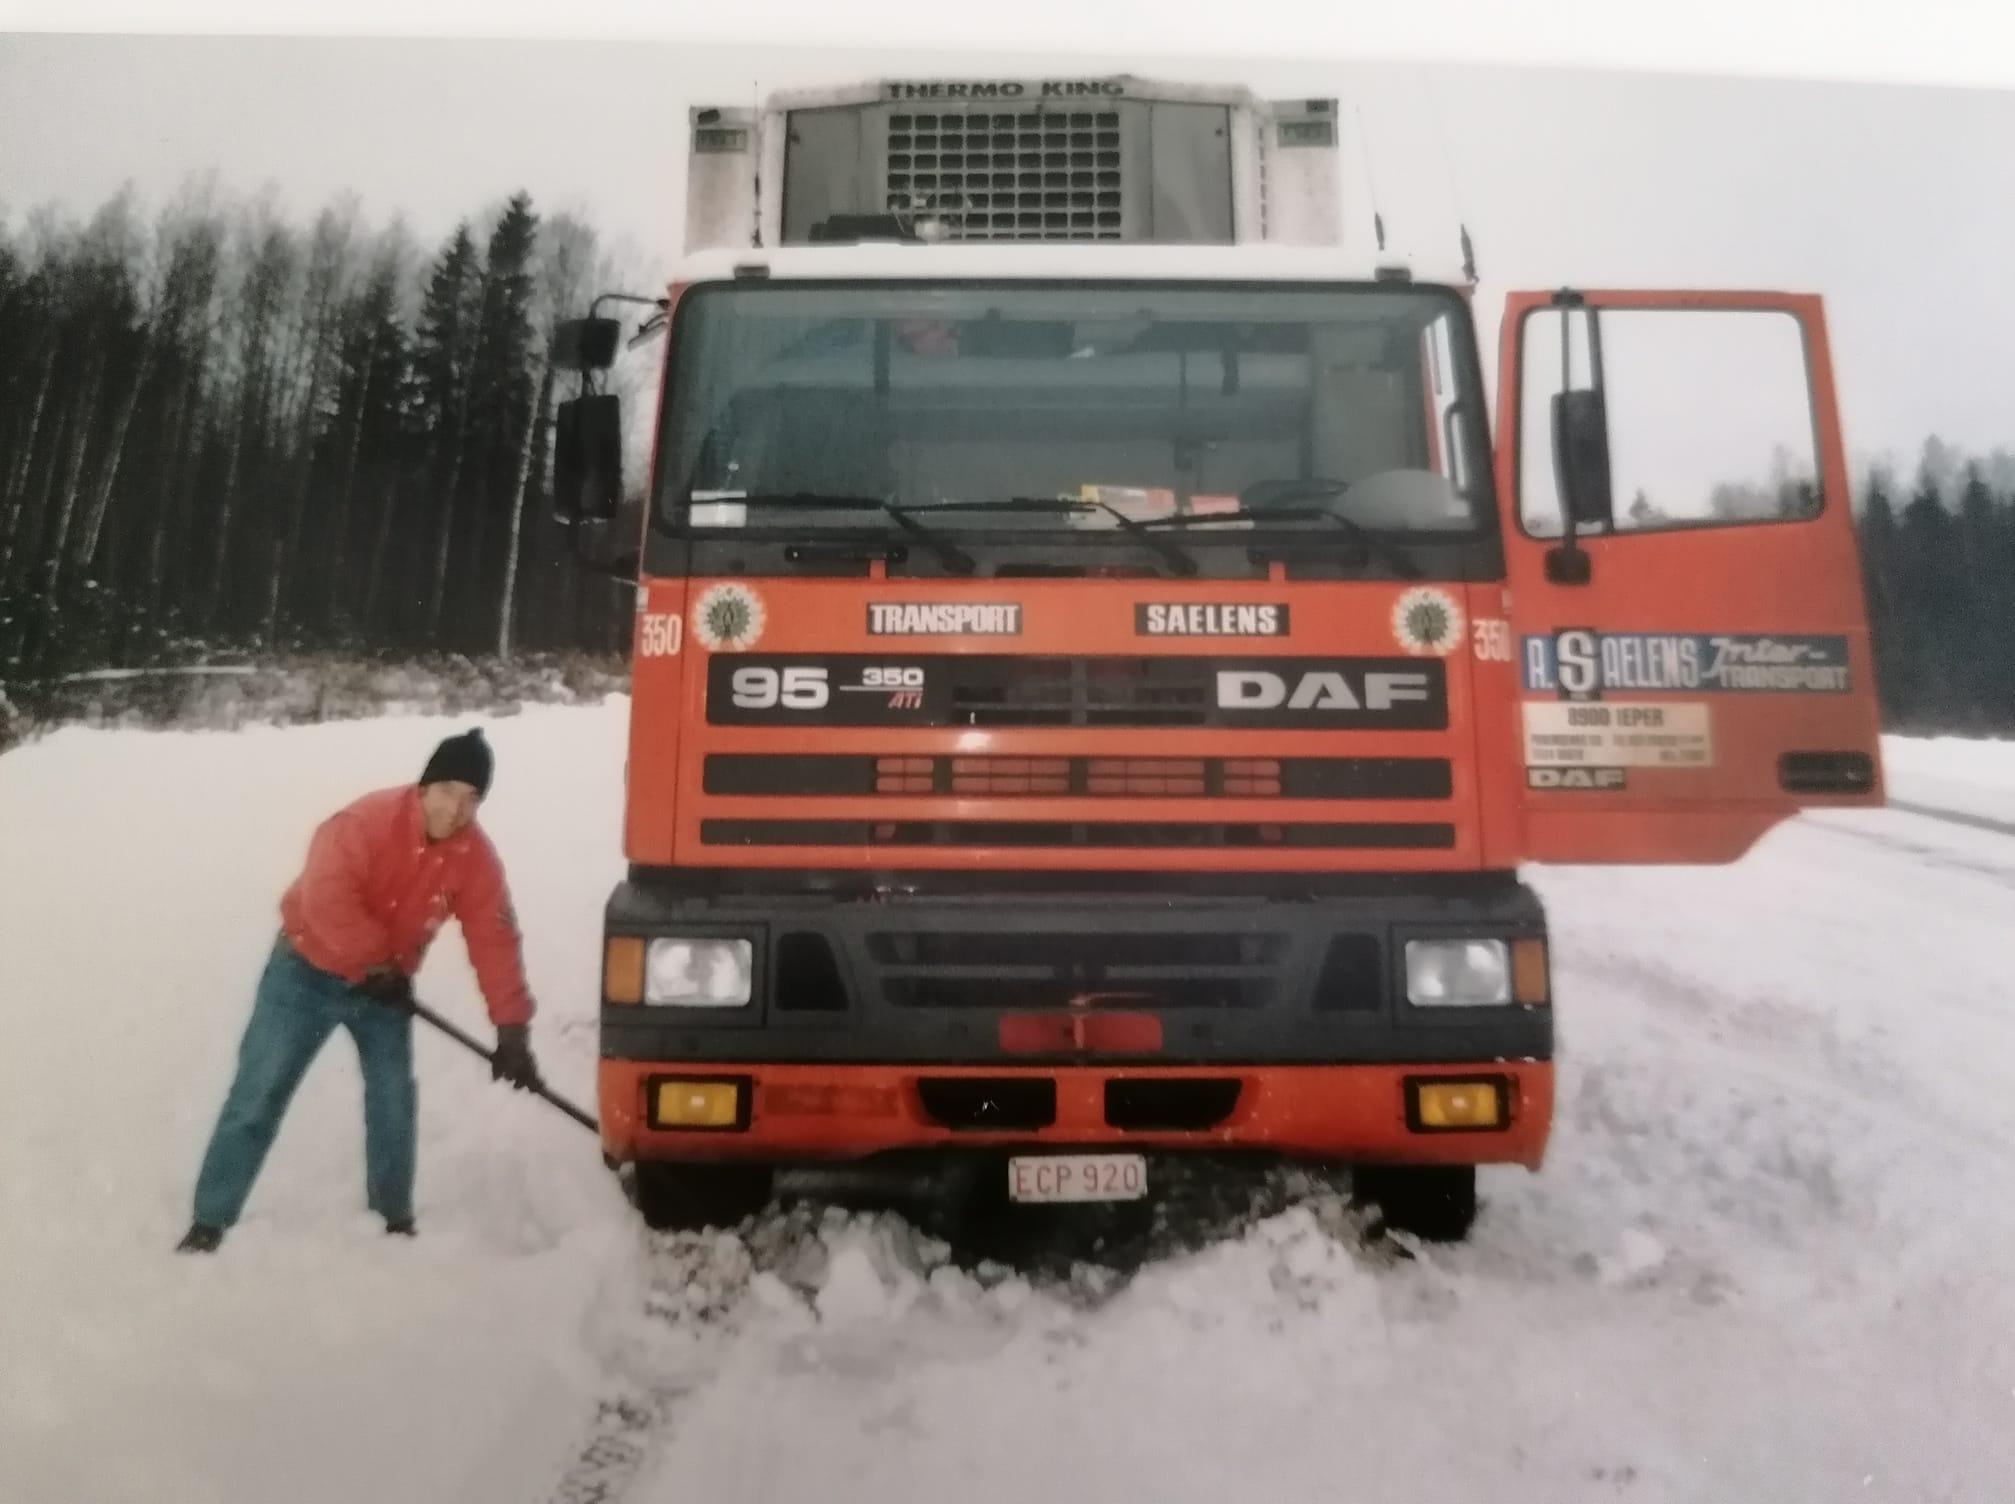 hier-kleine-Wilfried-D-hondt-aan-het-sneeuw-scheppen-in-het-koude-Rusland-op-weg-naar-Moskou-was-toen-en-paar-jaar-jonger